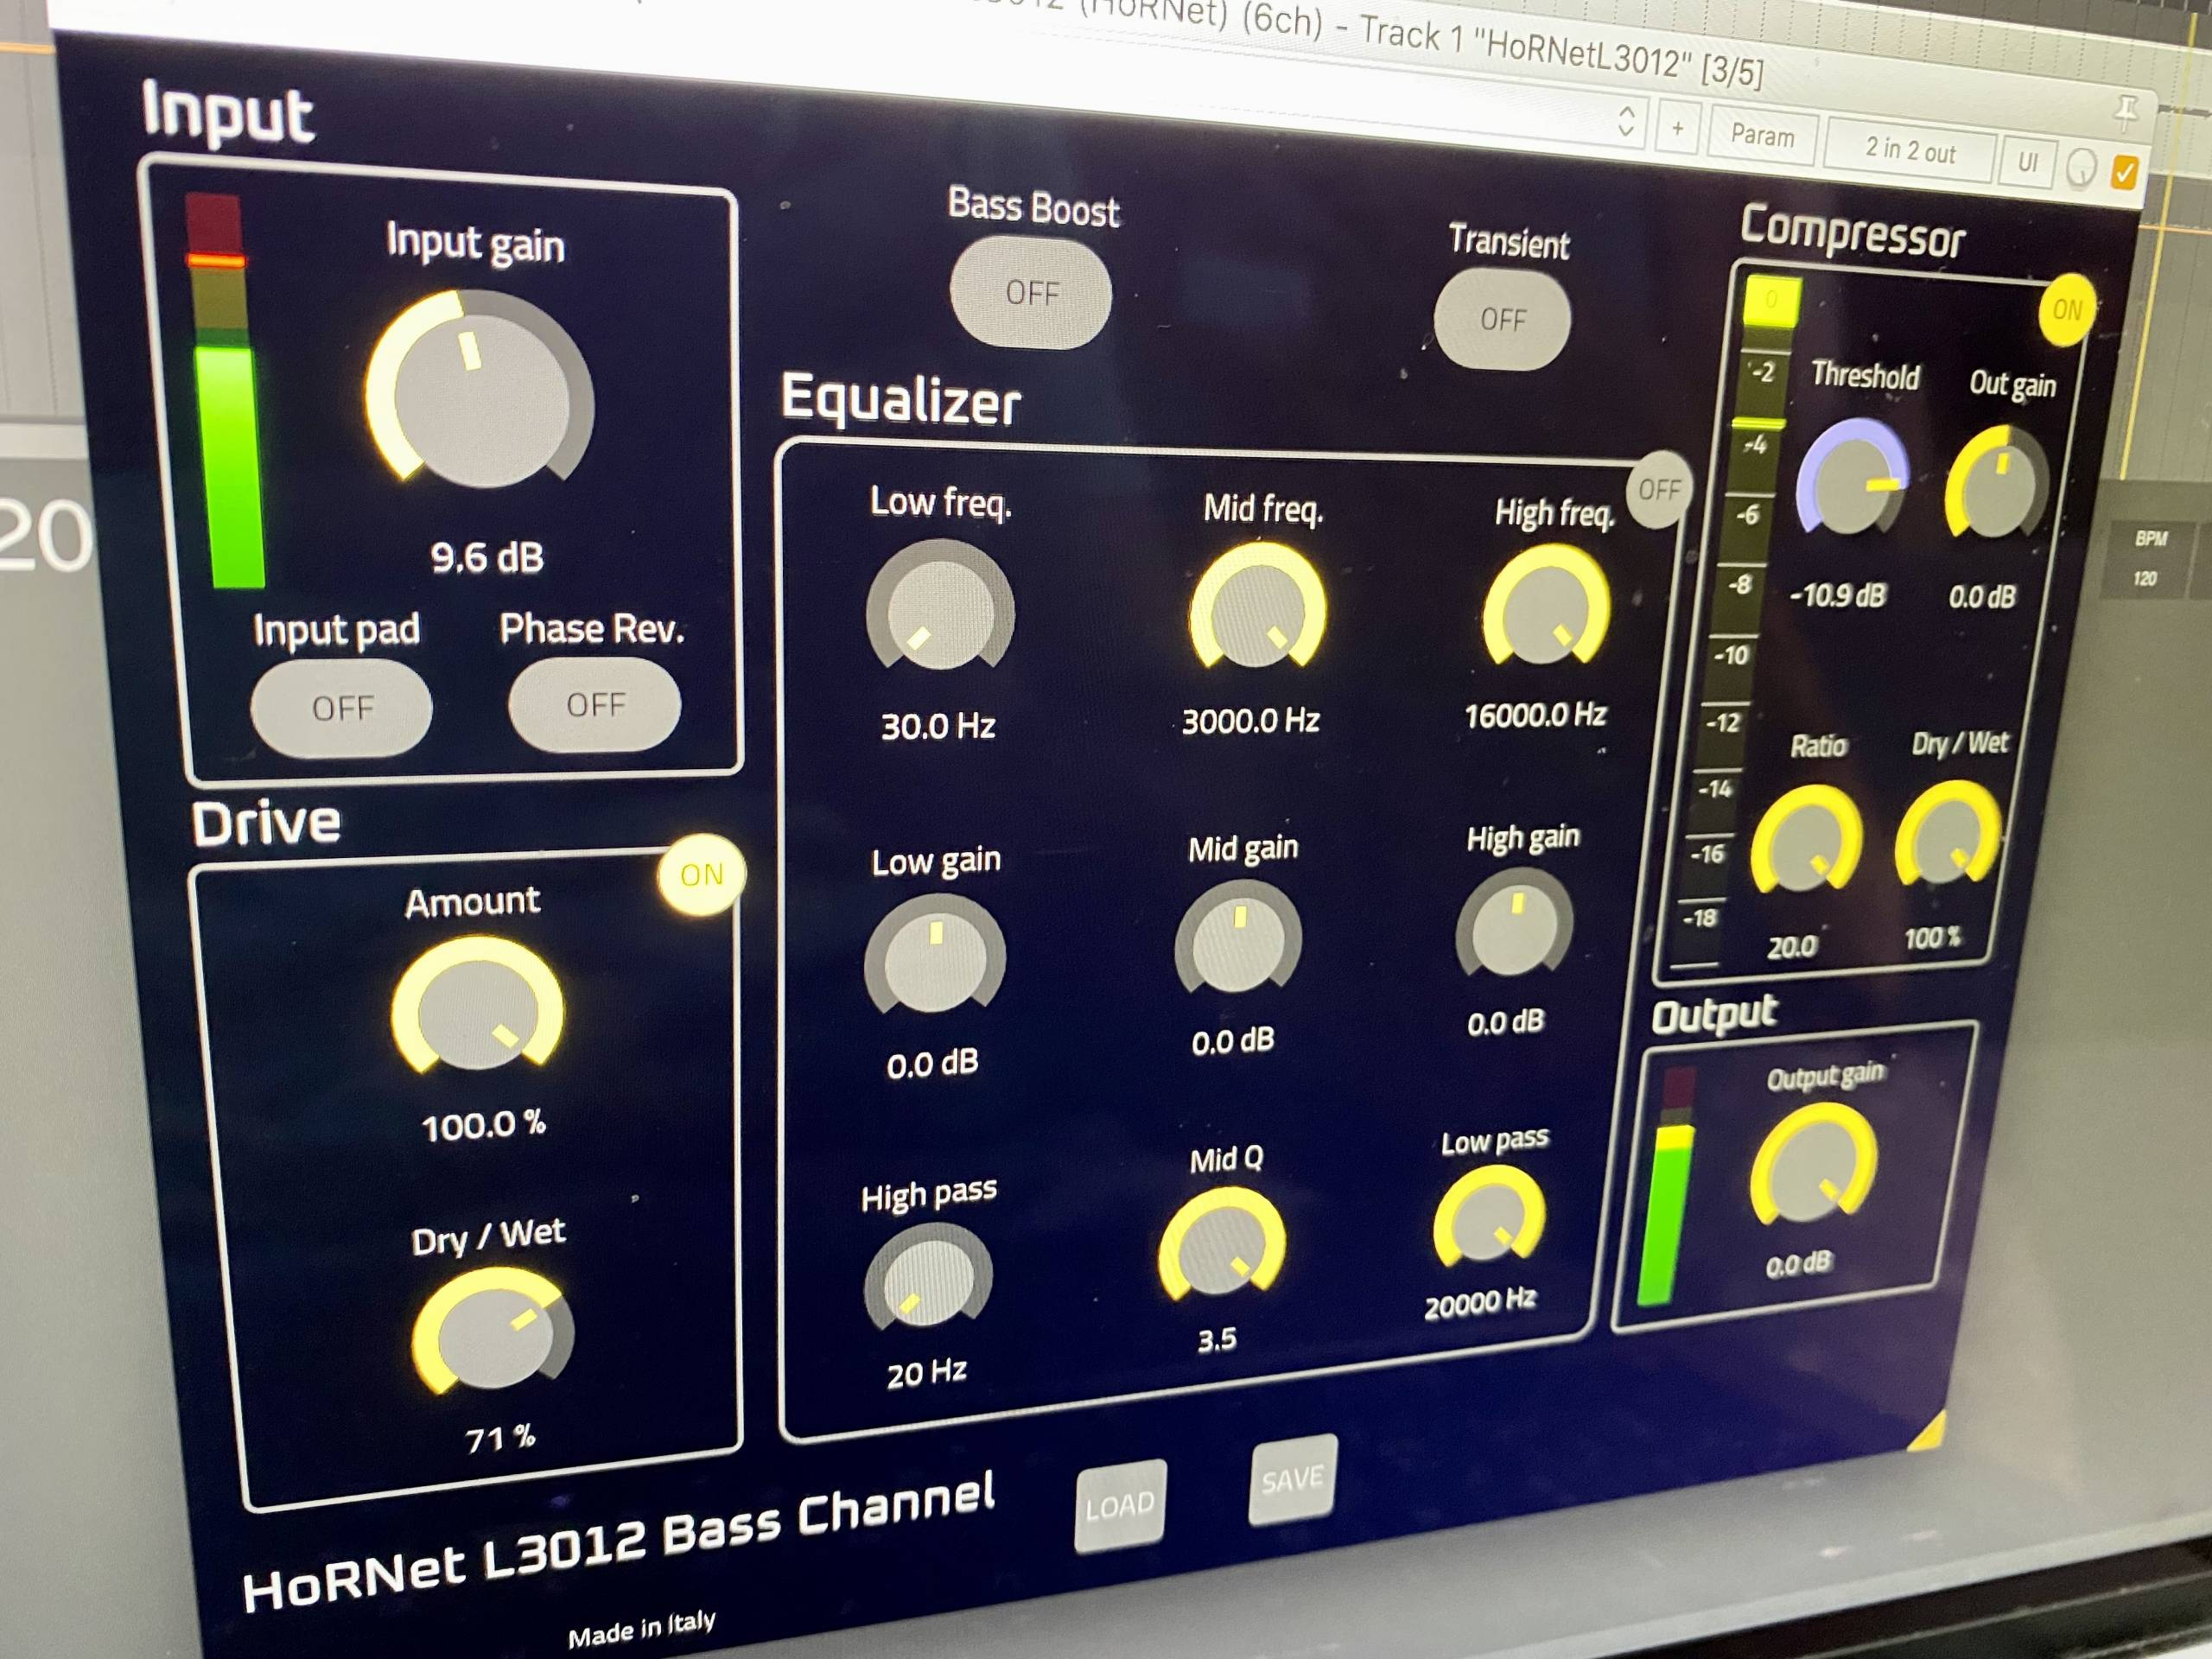 HoRNet L3012 Bass Channel